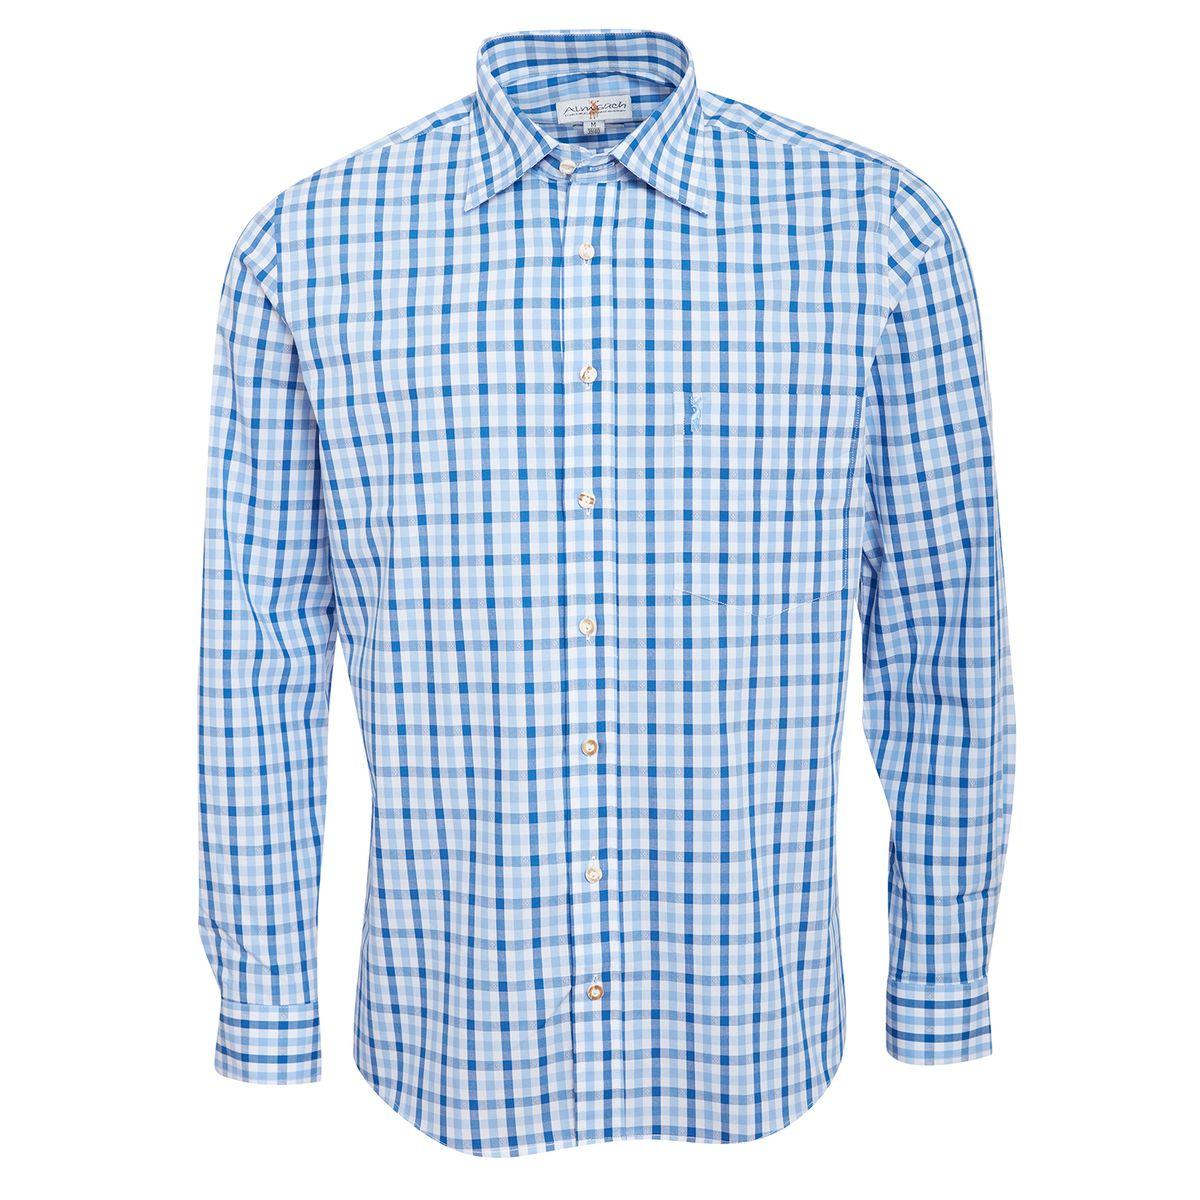 Trachtenhemd Ferdl Regular Fit zweifarbig in Hellblau und Blau von Almsach günstig online kaufen